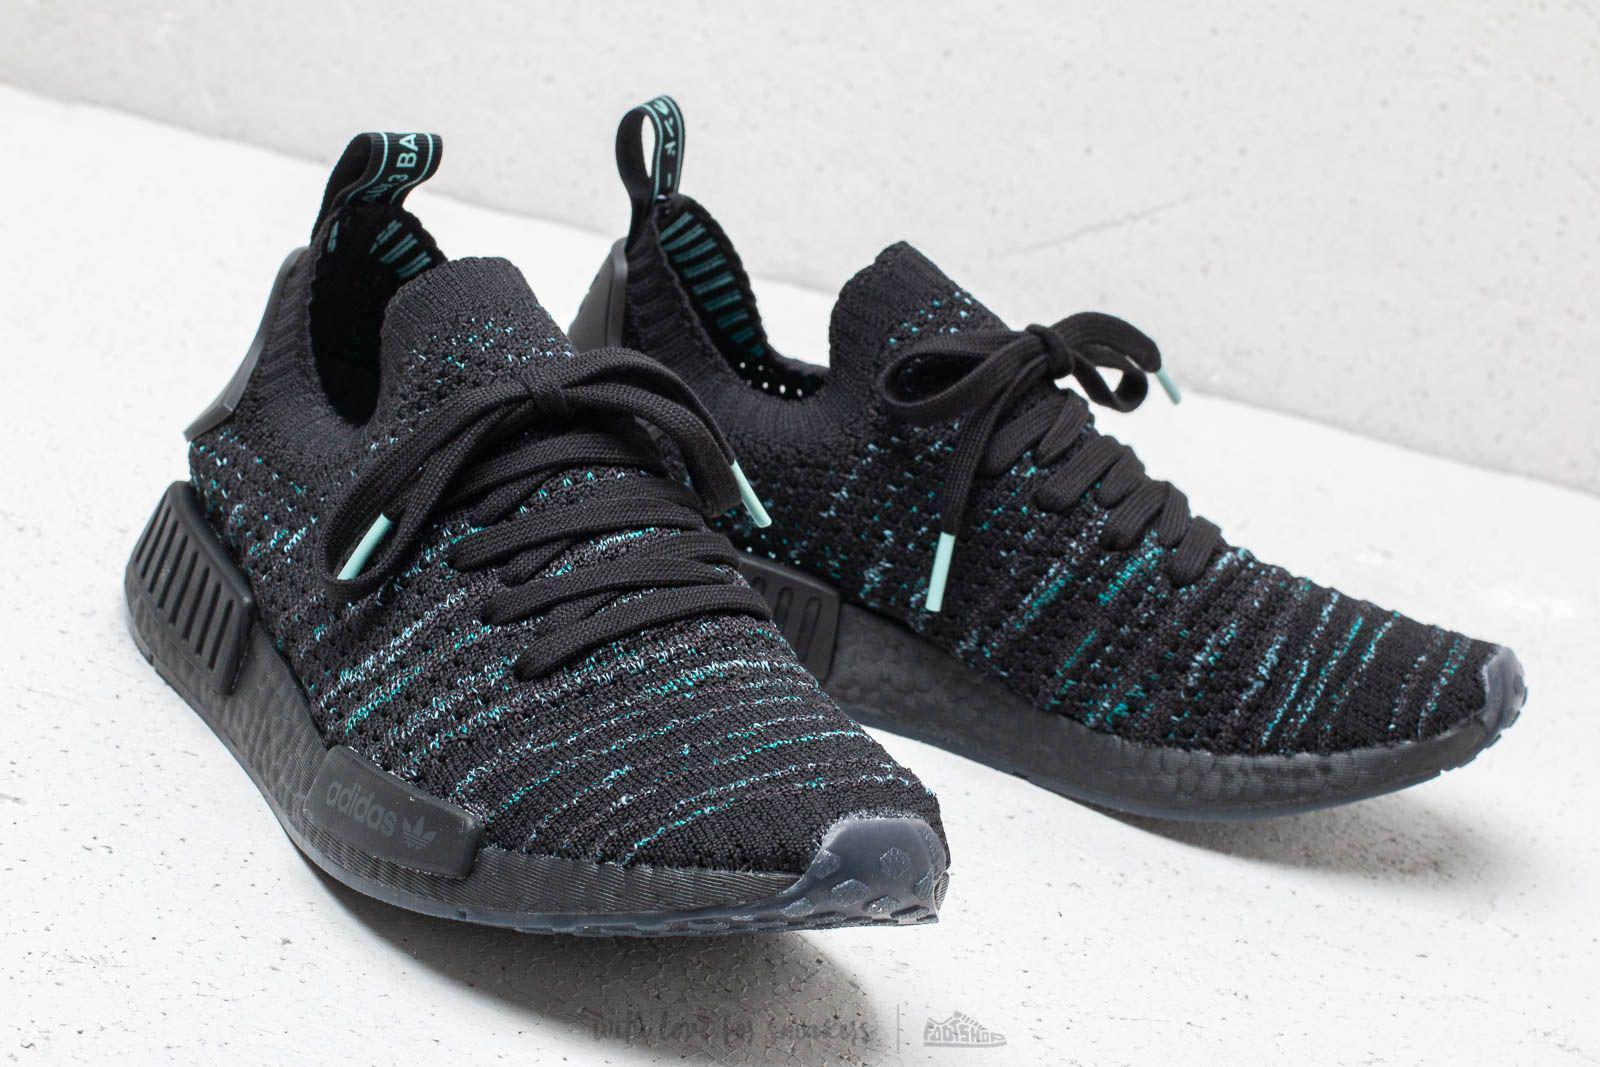 81edd8f1e Lyst - adidas Originals Adidas X Parley Nmd r1 Stlt Primeknit Core ...